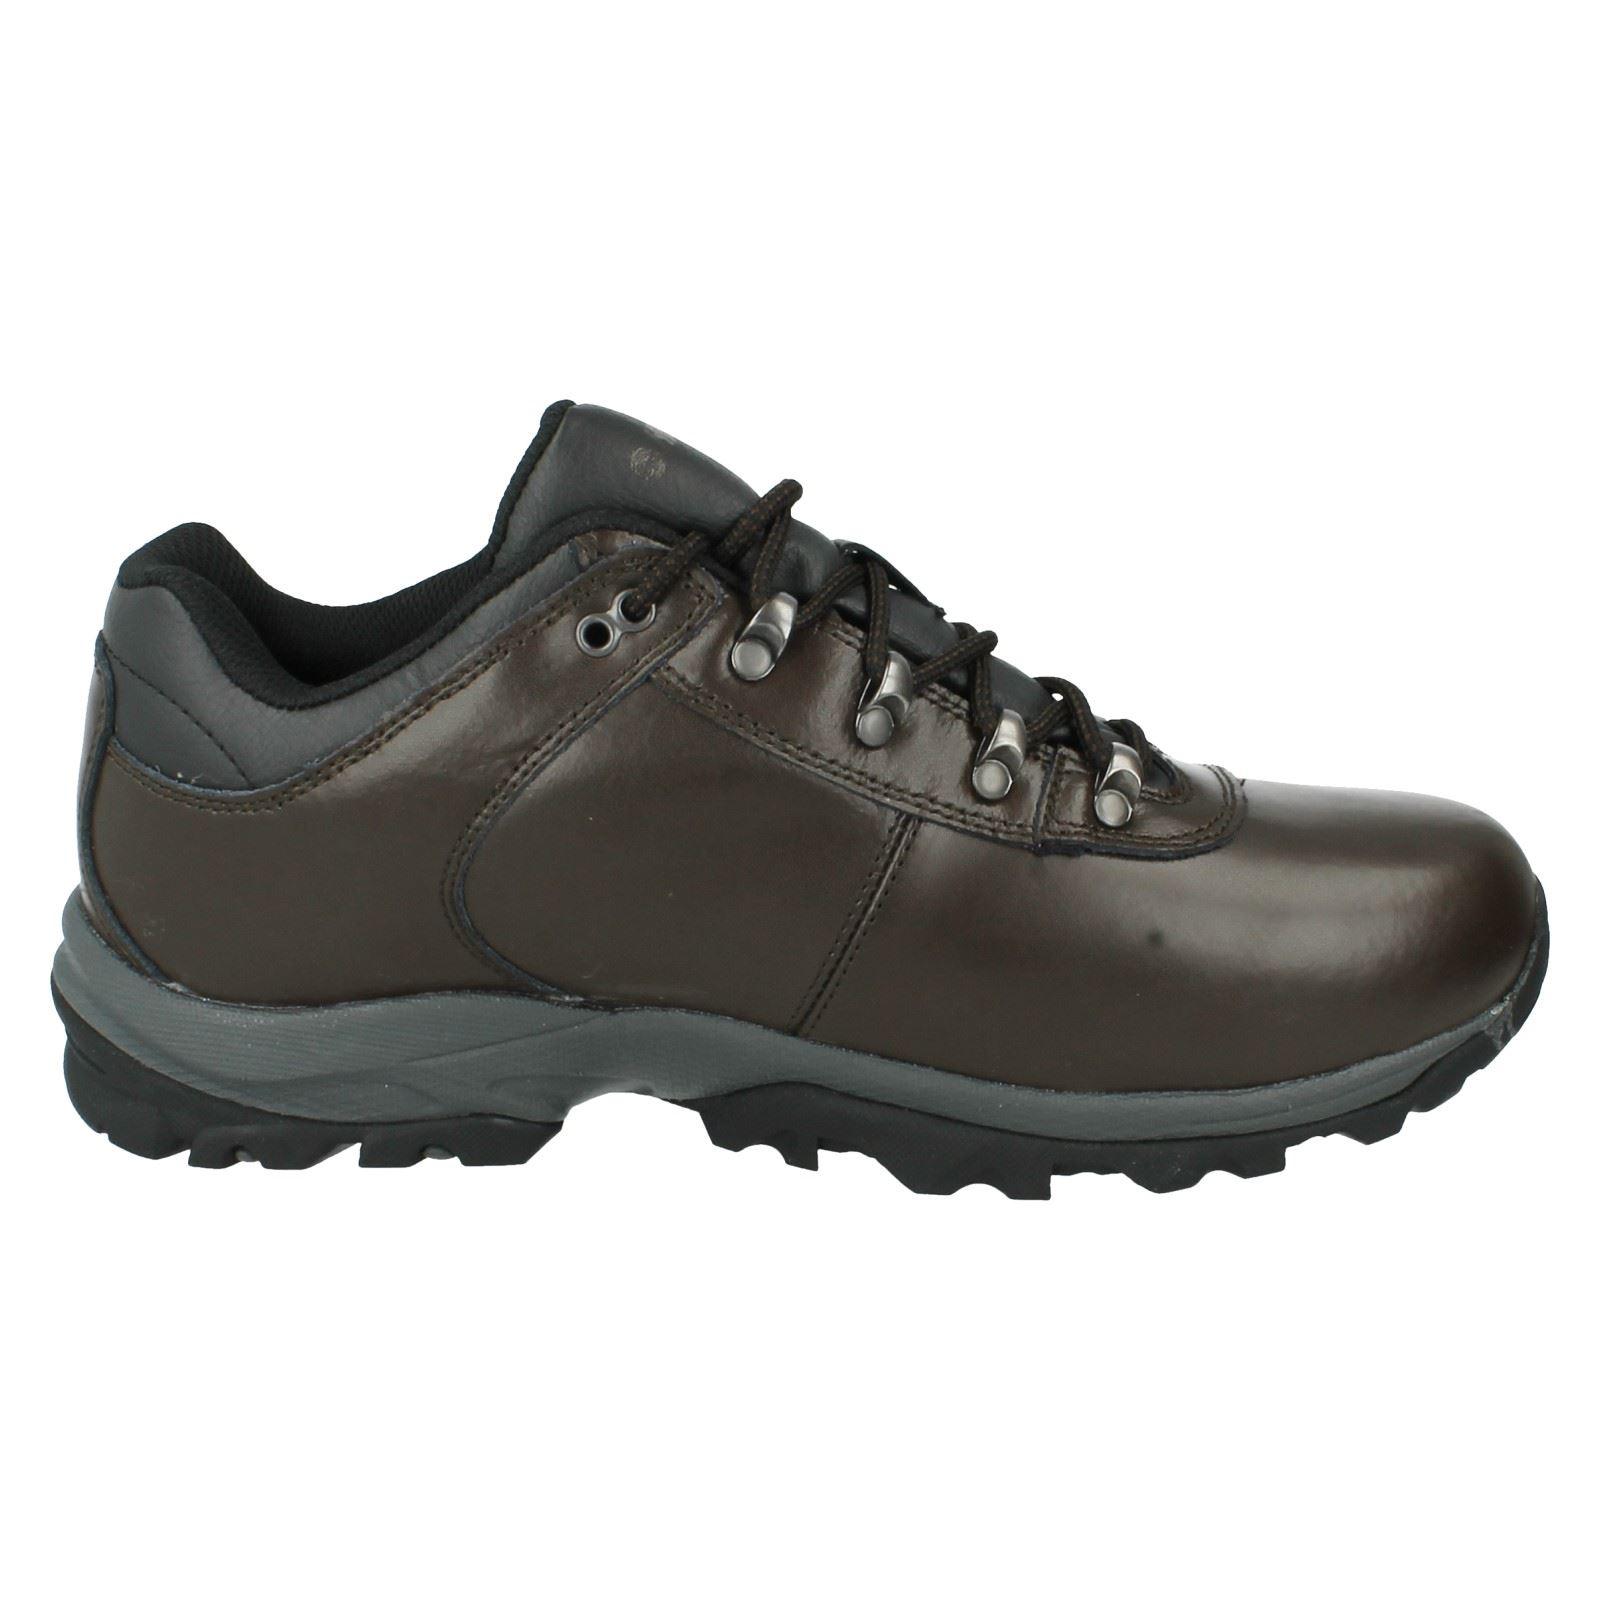 Mens Hi-Tec Casual Shoes Label Label Label Eurotrek II Low e05b74